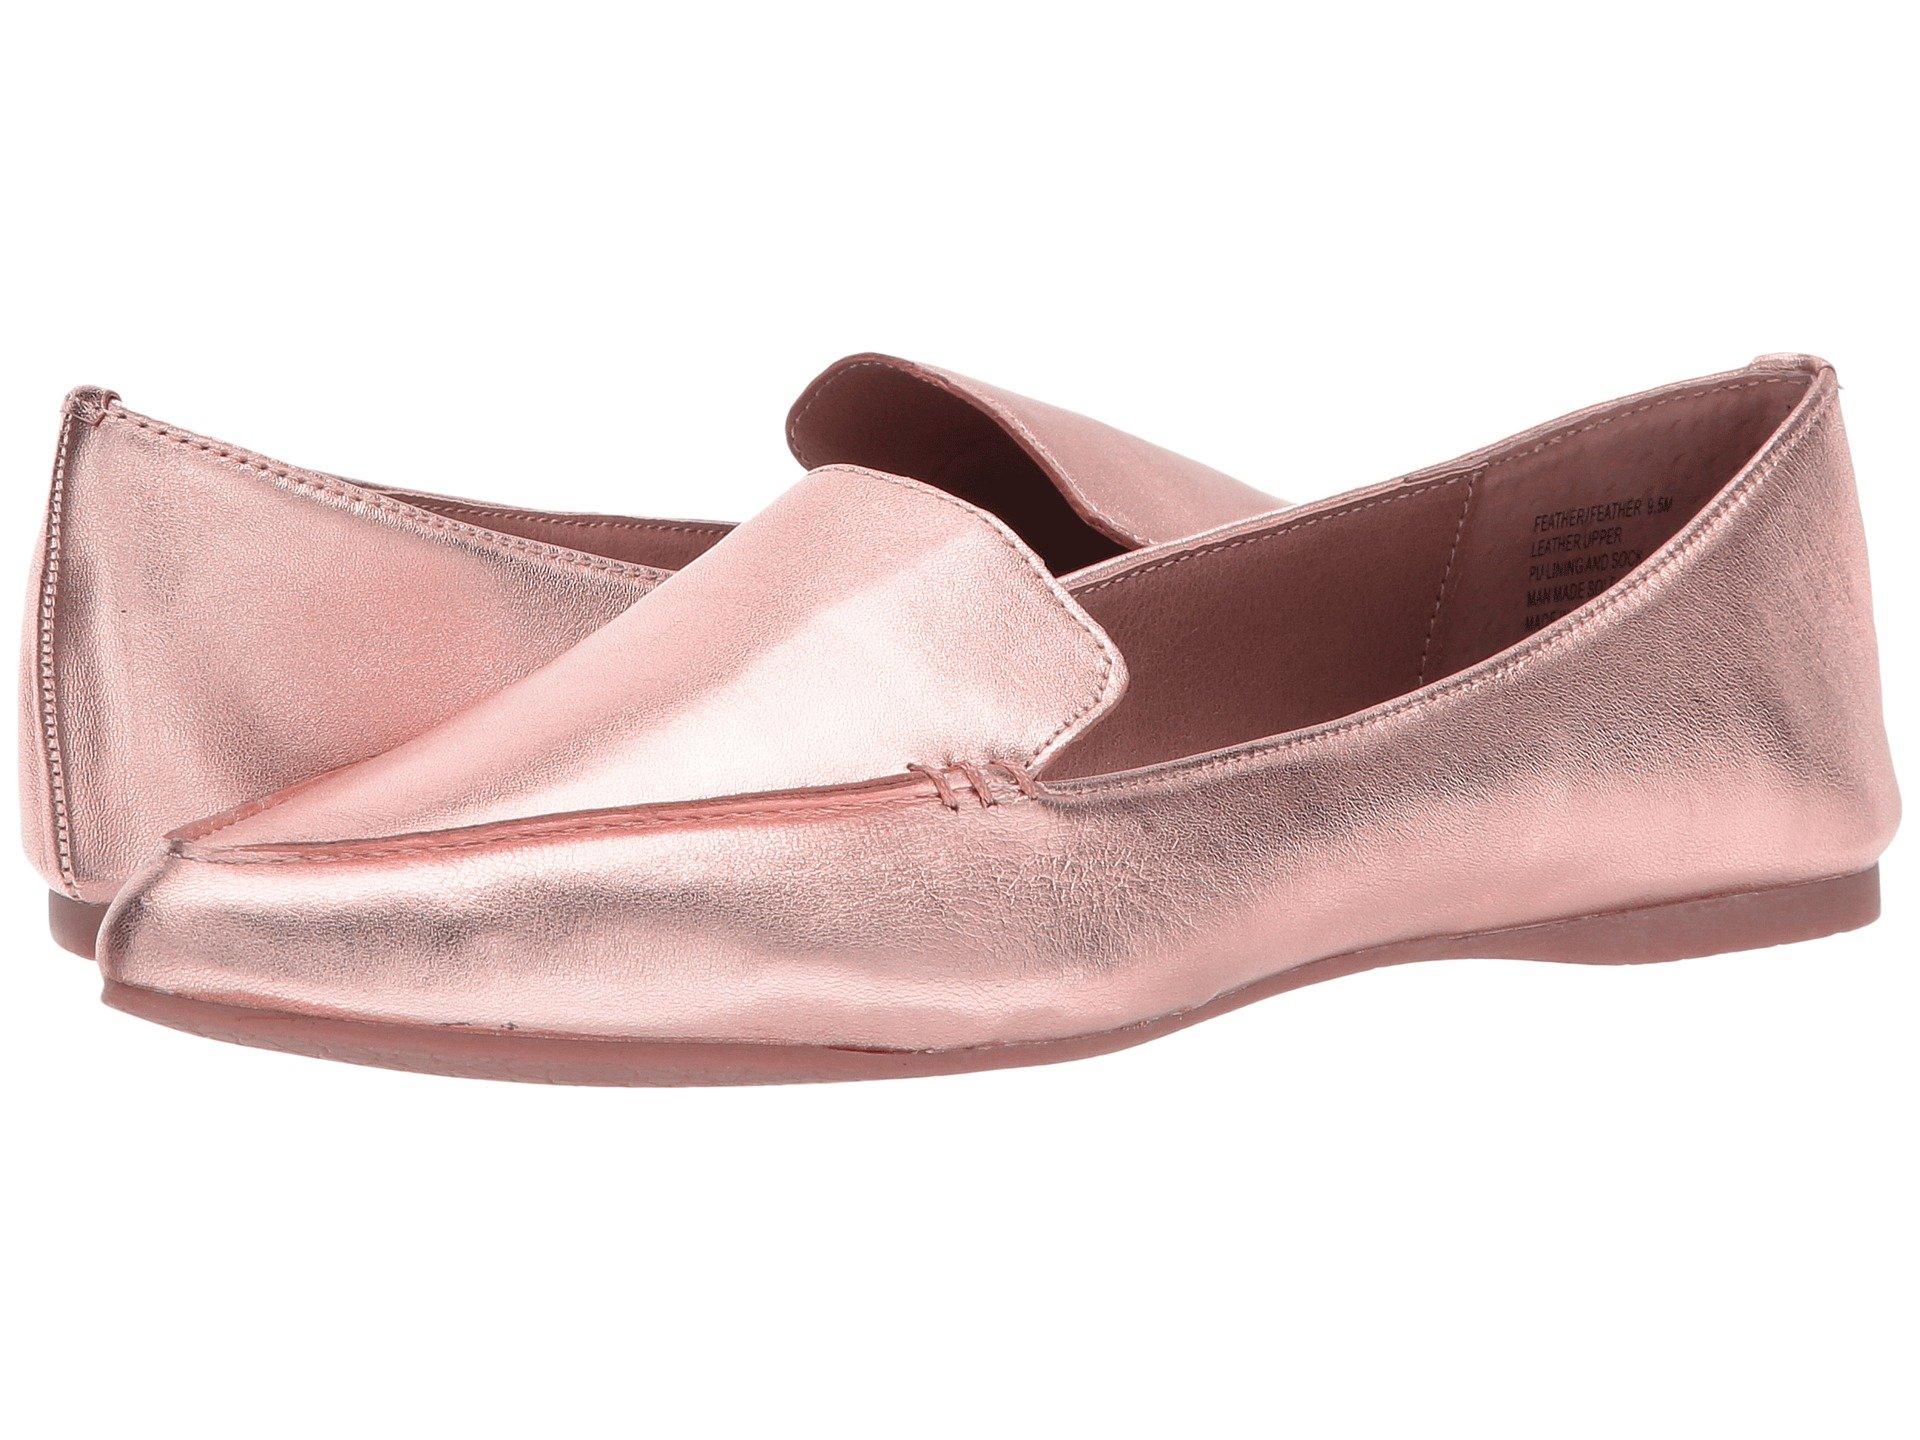 Baletas para Mujer Steve Madden Feather Loafer Flat  + Steve Madden en VeoyCompro.net